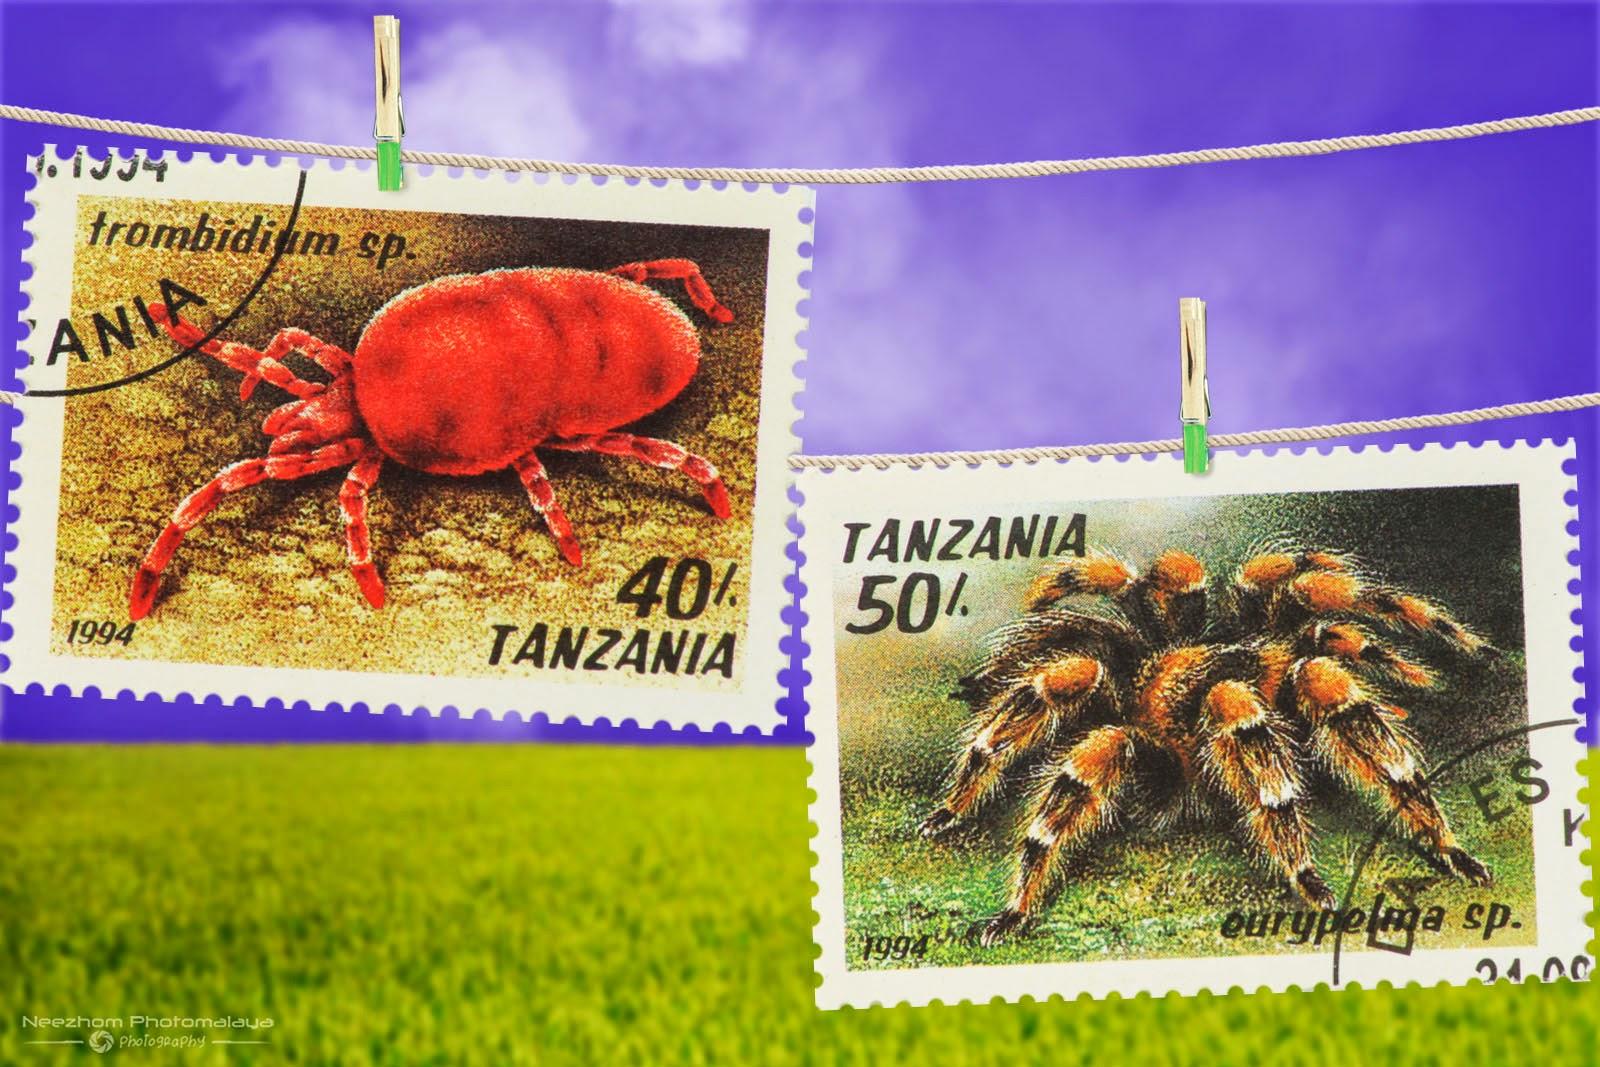 Tanzania Arachnids stamps 1994 - Trombidium sp, Eurypelma sp